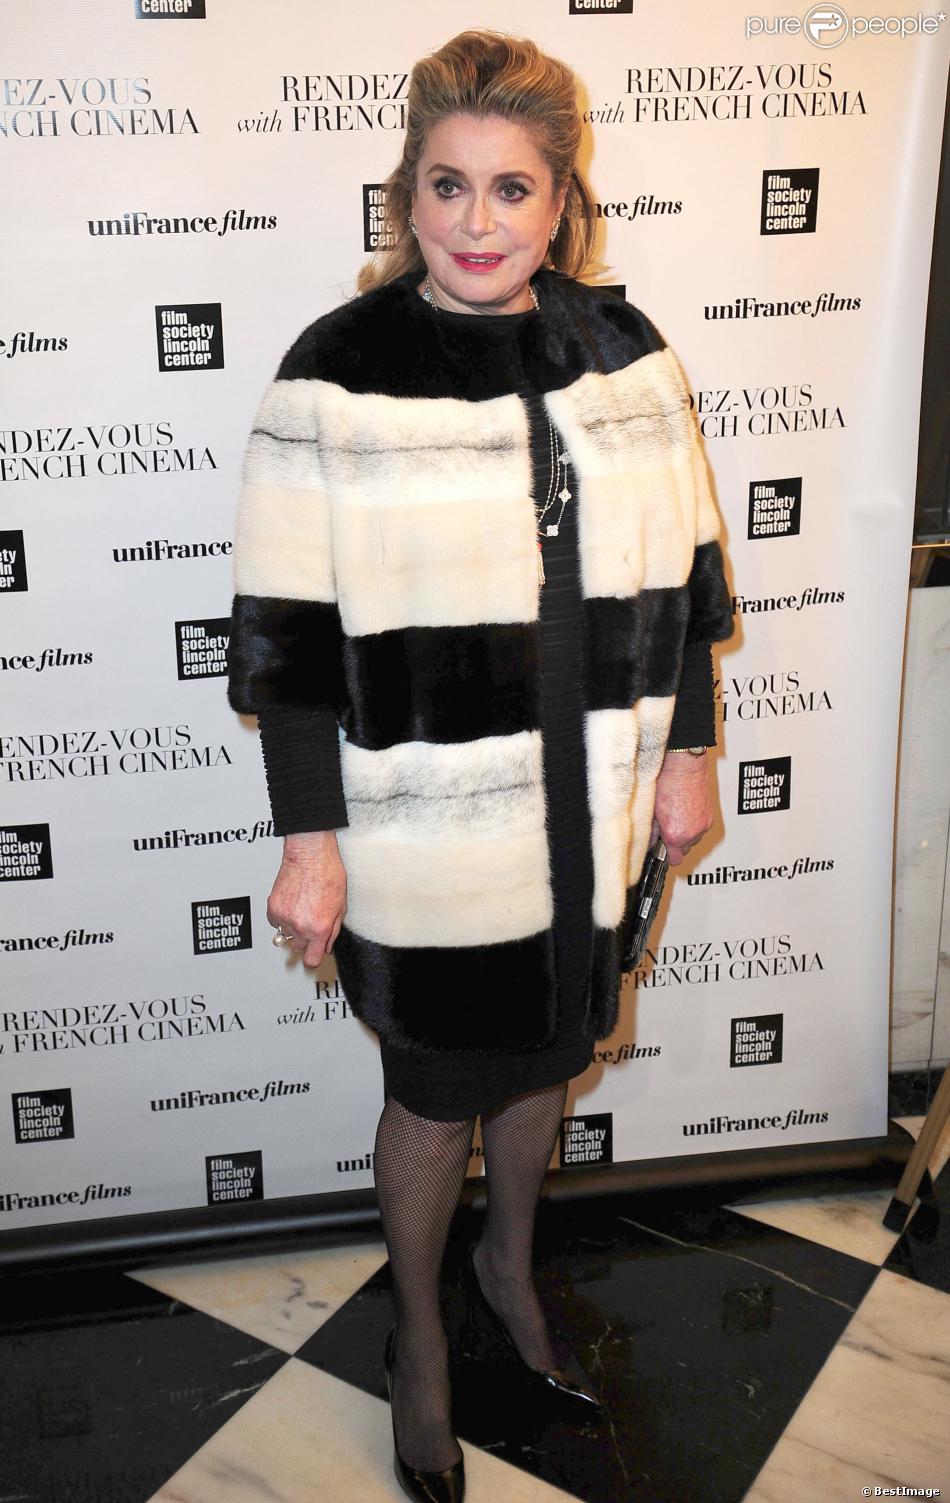 """Catherine Deneuve lors de la présentation du film """"On my way"""" (Elle s'en va) à New York le 6 mars 2014, dans le cadre du Rendez-vous with French Cinema avec UniFrance"""